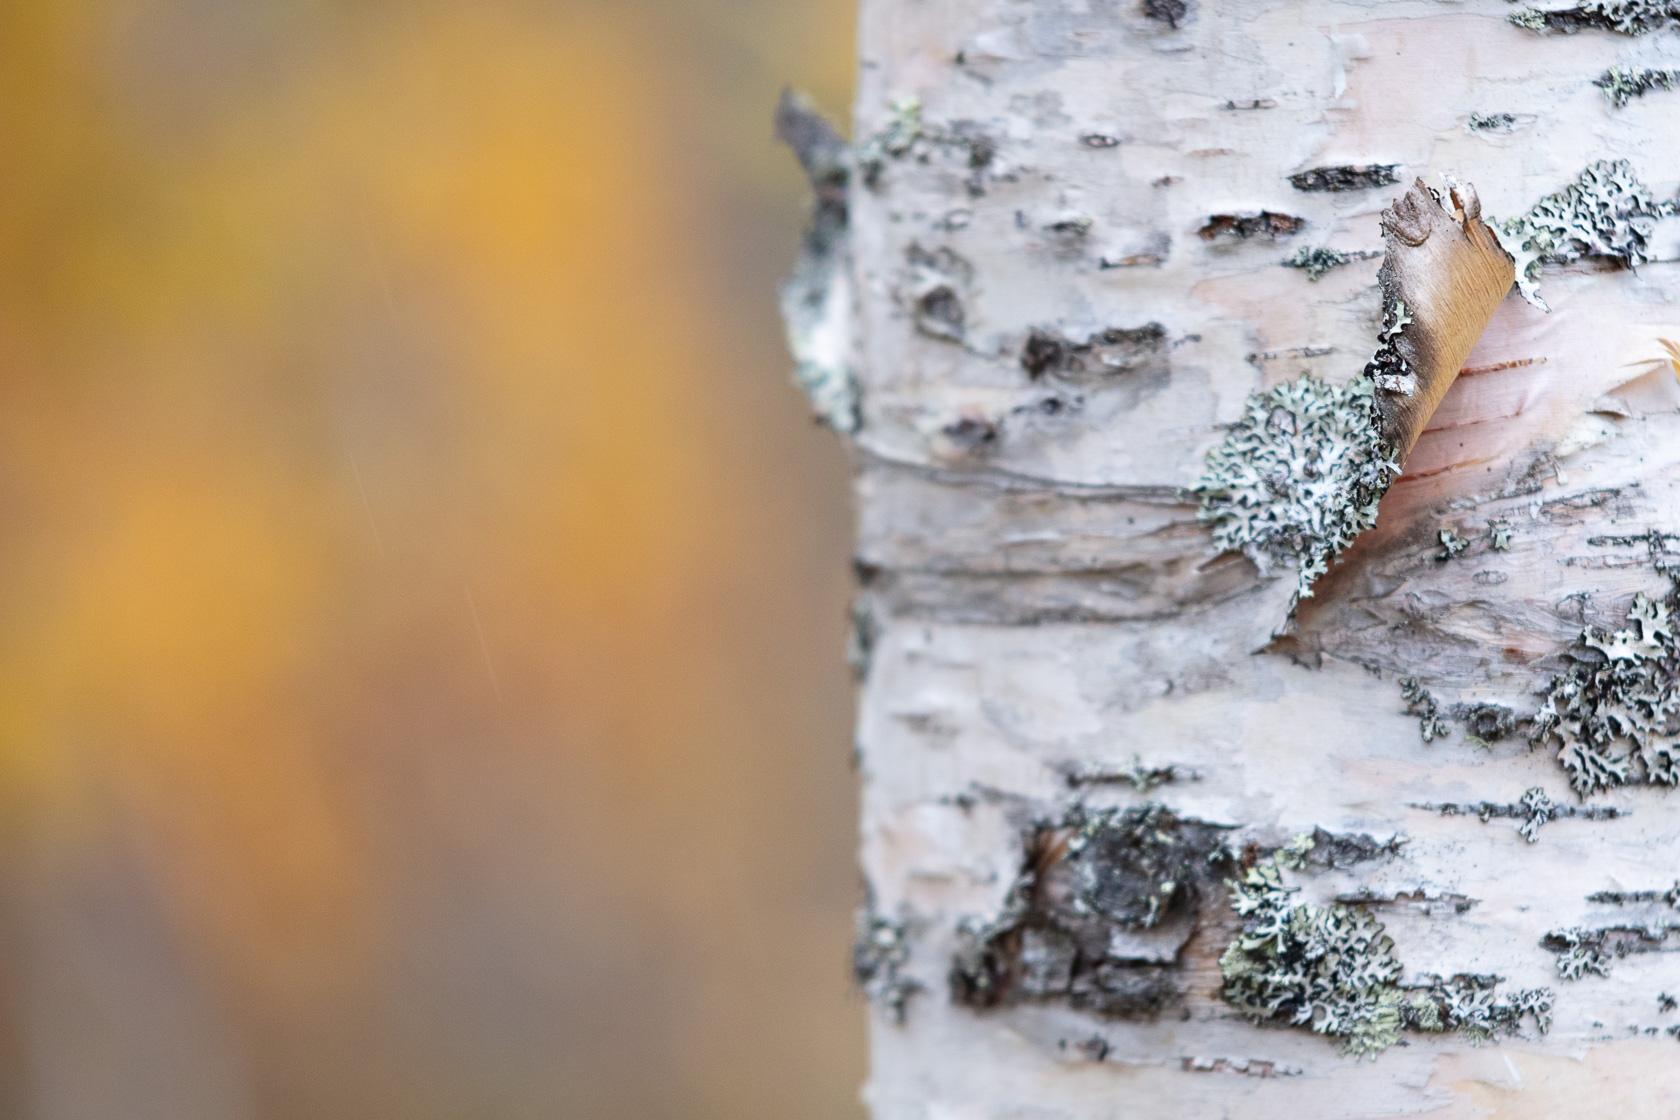 détail de l'écorce du bouleau dans une forêt boréale des Alpes de Lyngen, pendant un voyage photo en Norvège